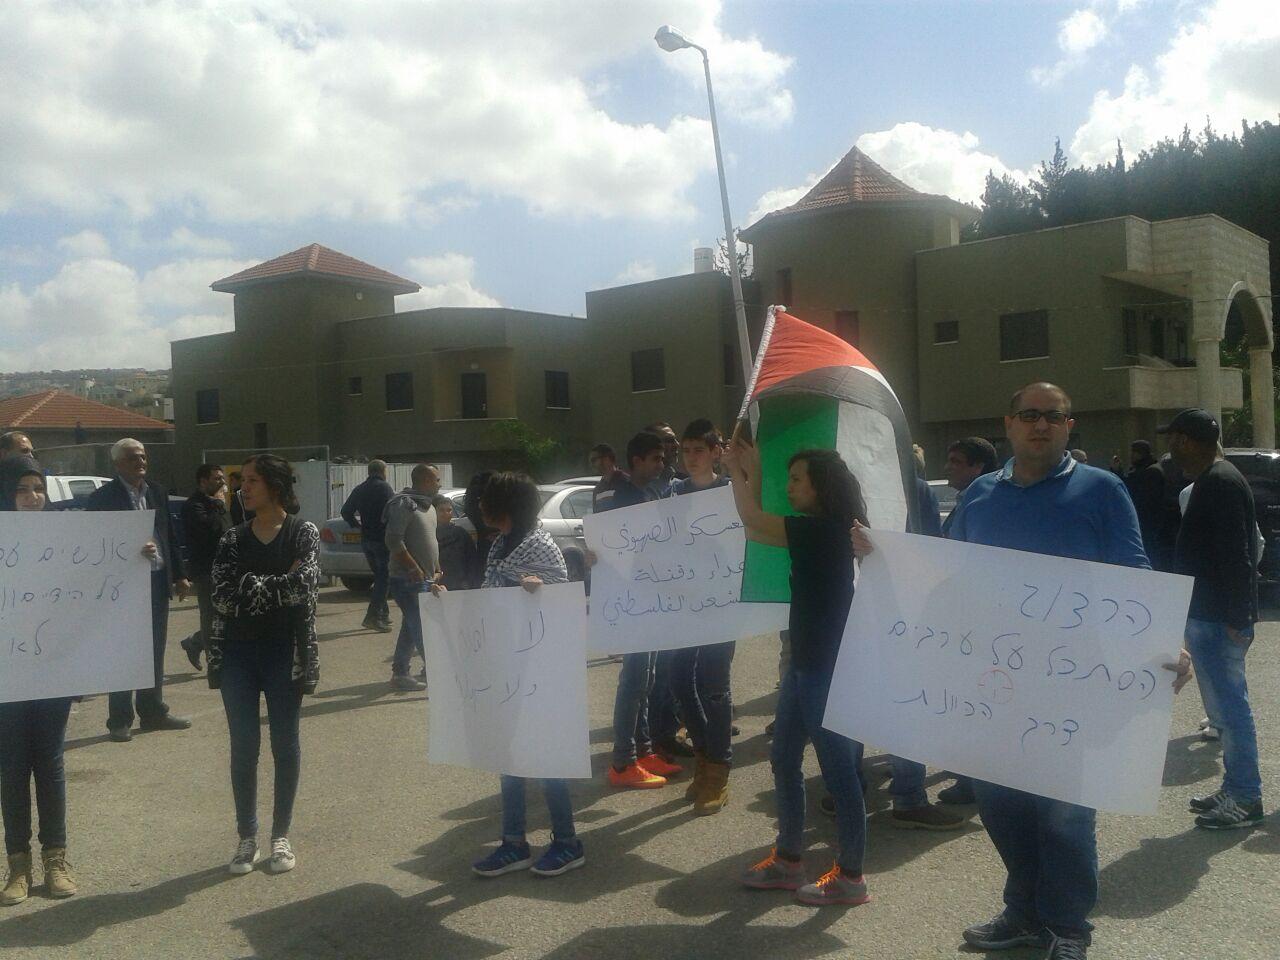 وادي عارة: اعتقالات في مظاهرة التصدّي لزيارة المعسكر الصهيوني